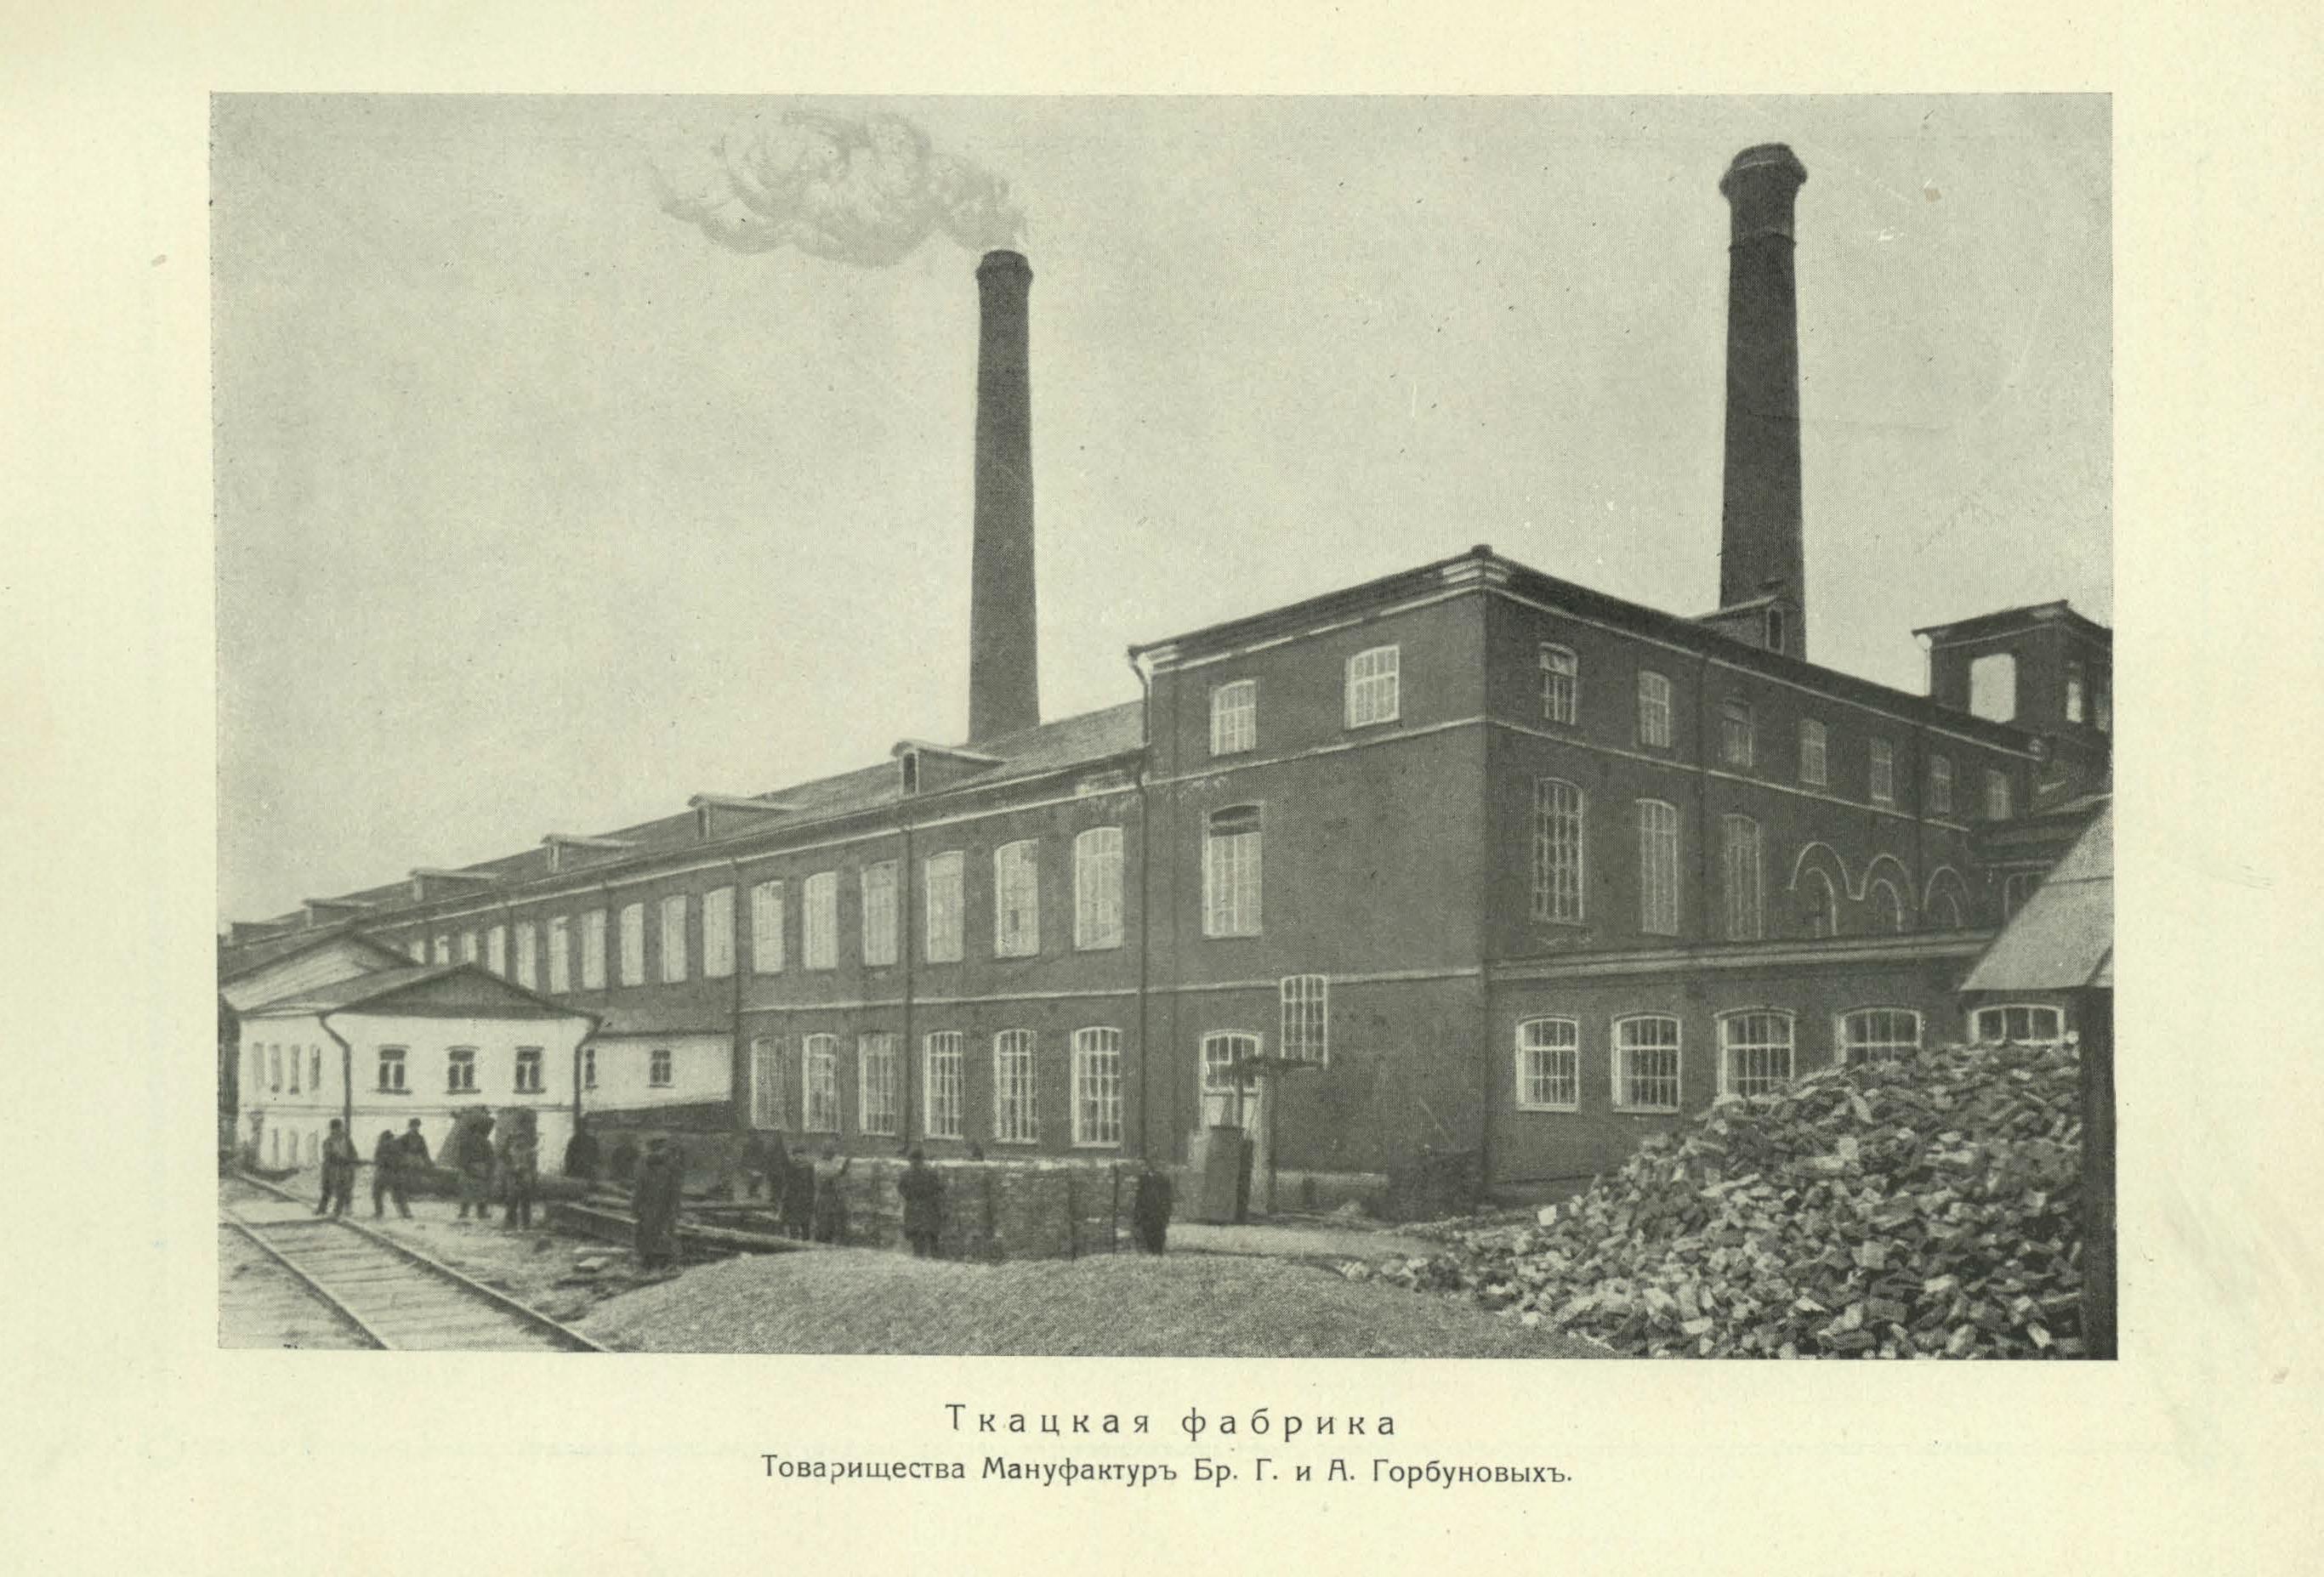 06. Ткацкая фабрика